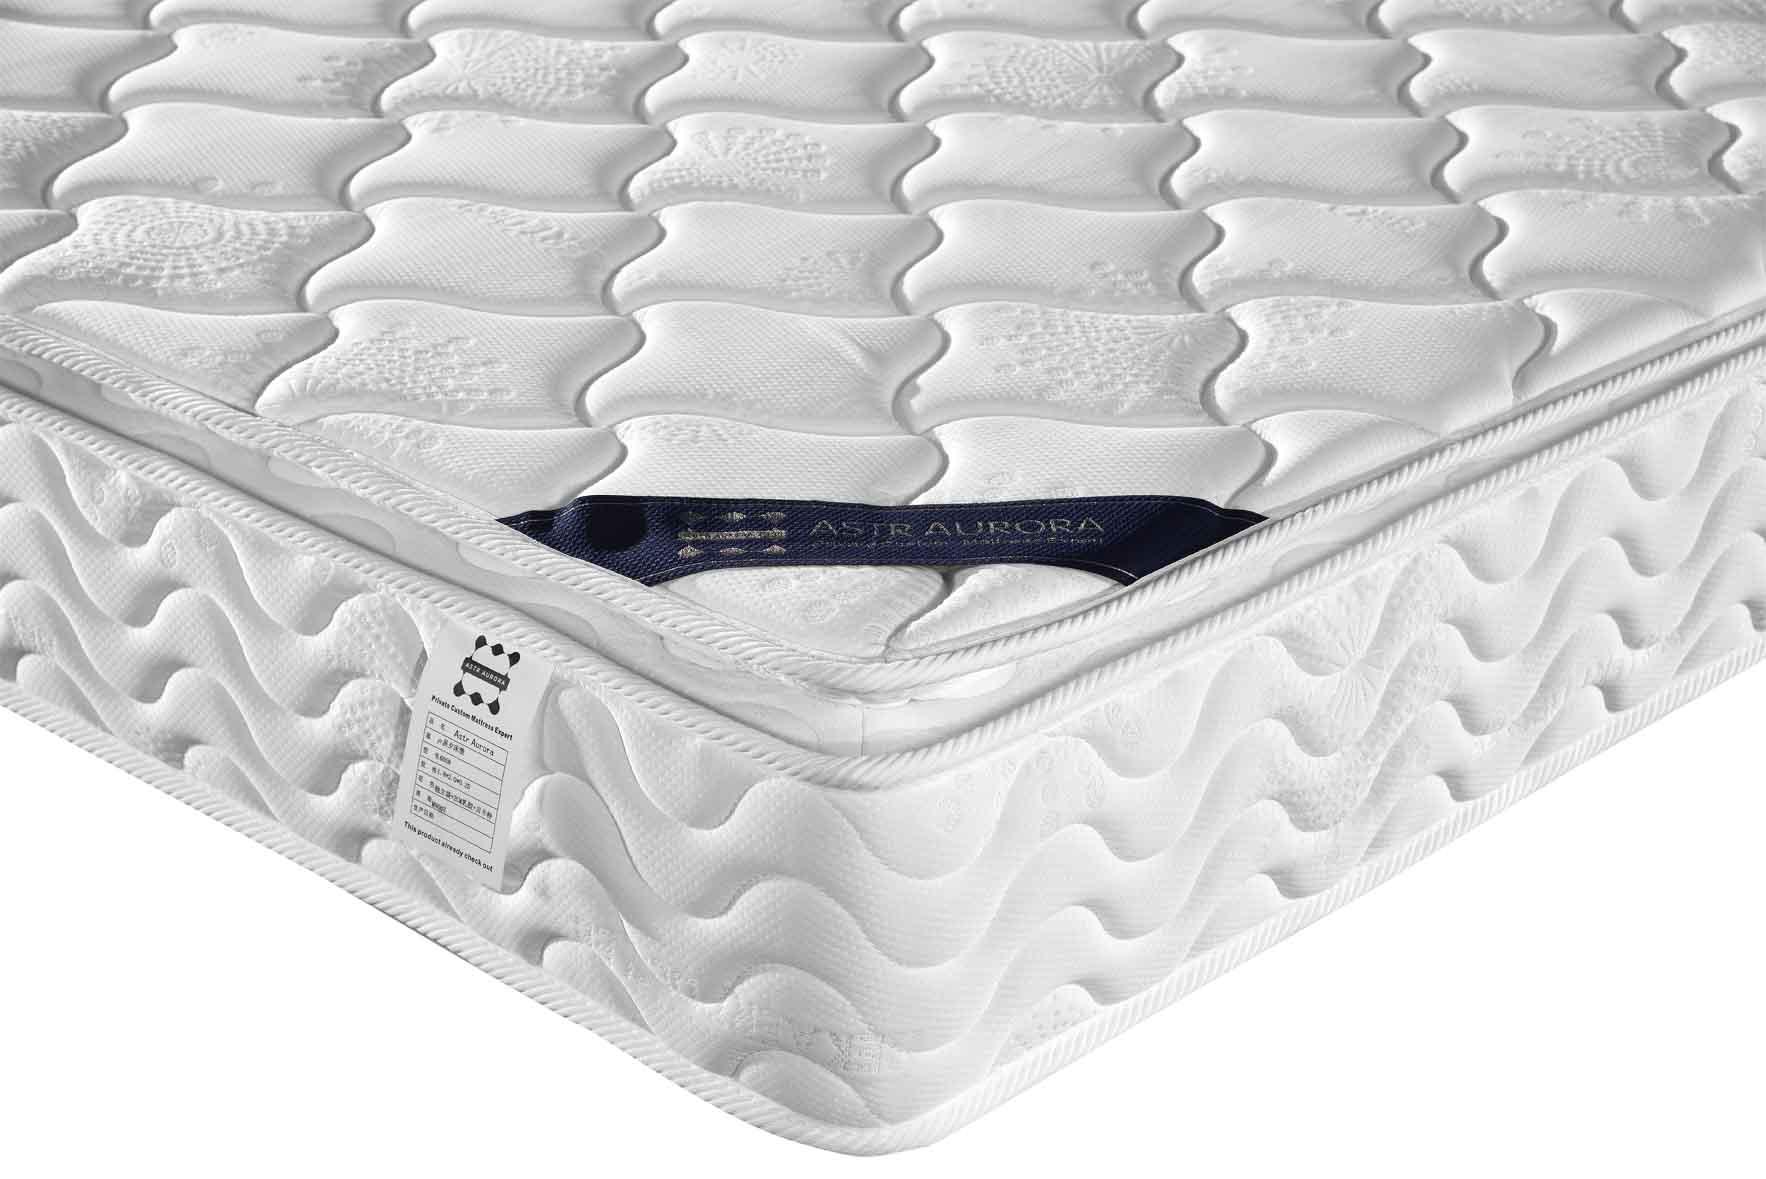 广东高质量弹簧床垫定制 贴心服务 苏州星夜家居科技供应